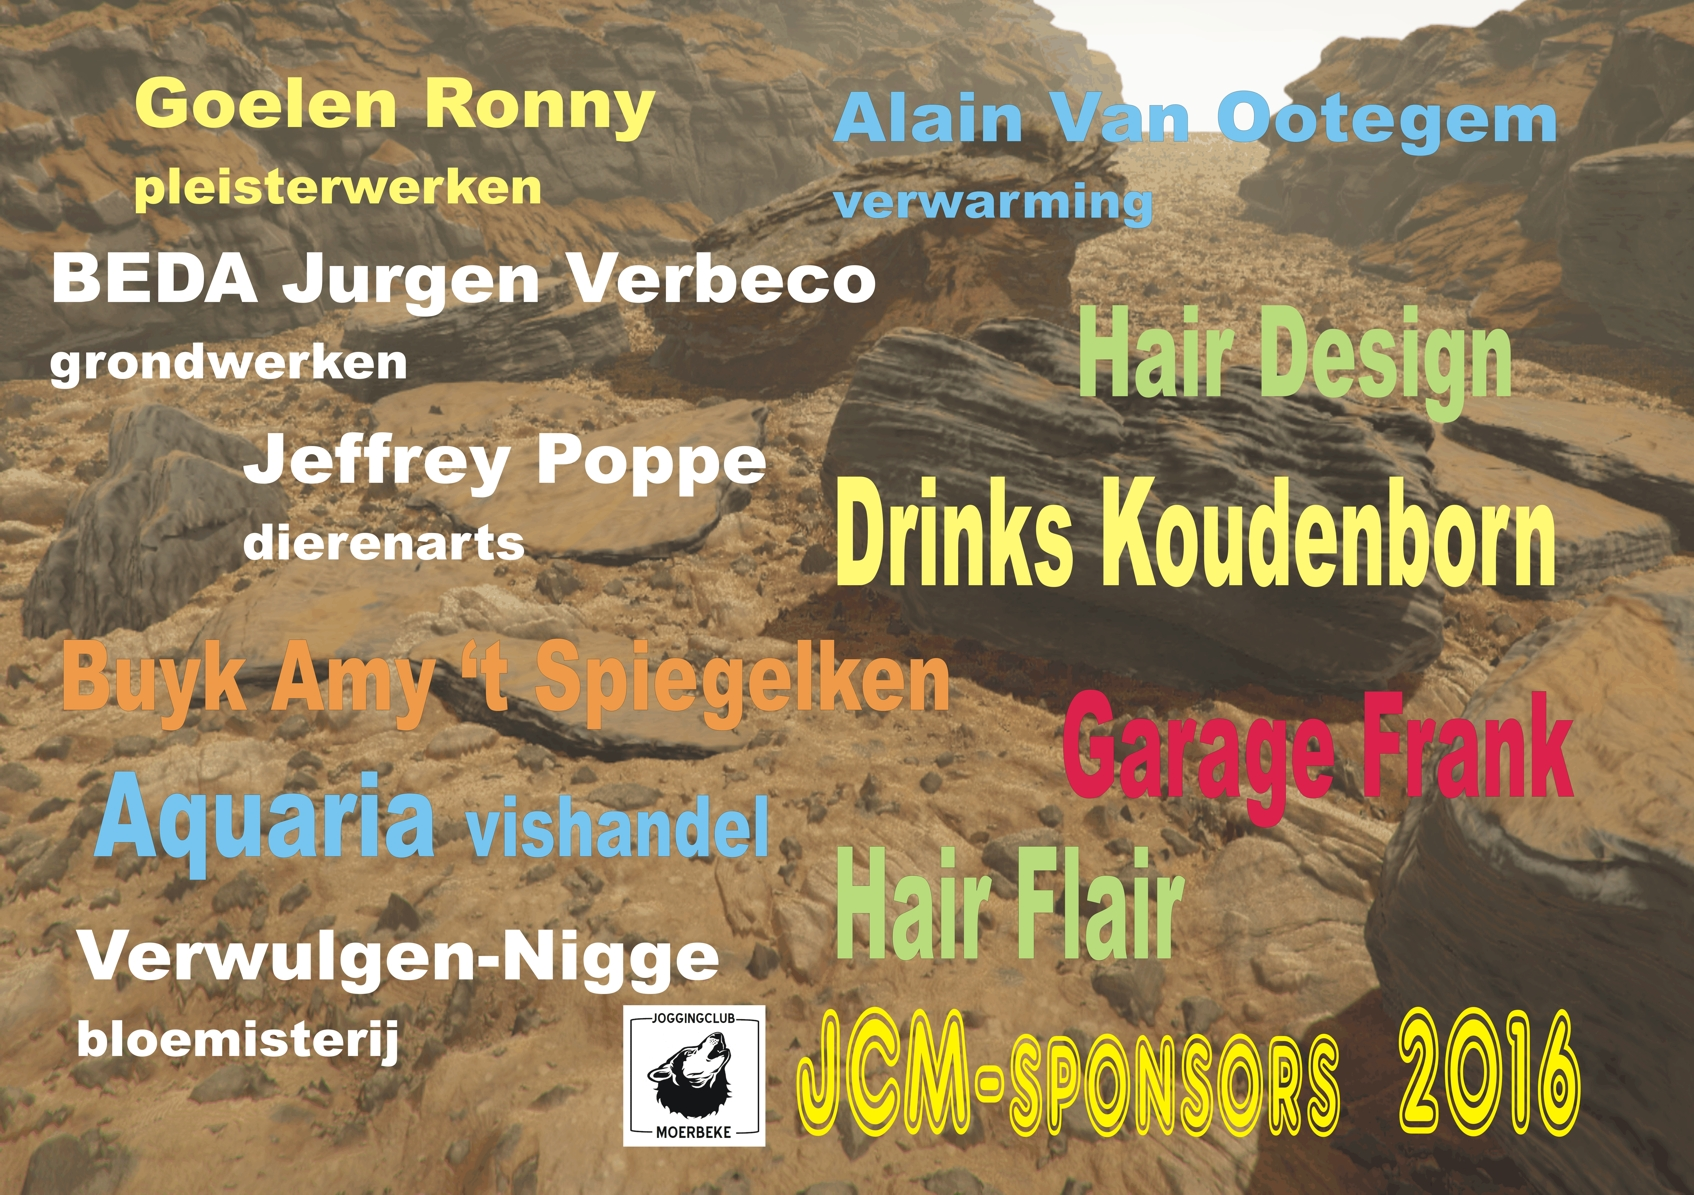 http://www.joggingclubmoerbeke.be/2016/eigen/sp05.JPG